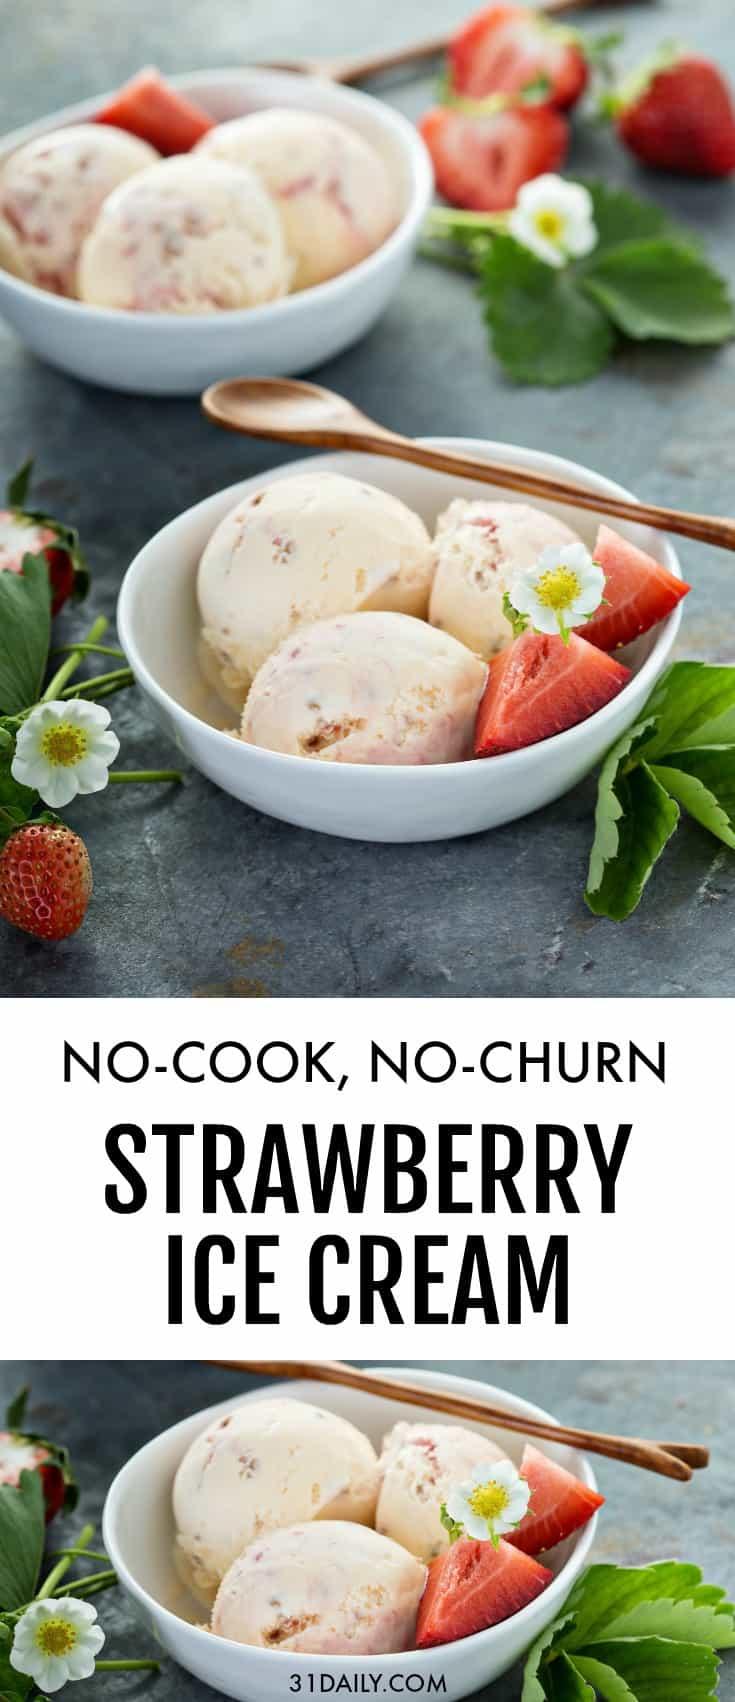 No Cook, No-Churn Strawberry Ice Cream | 31Daily.com